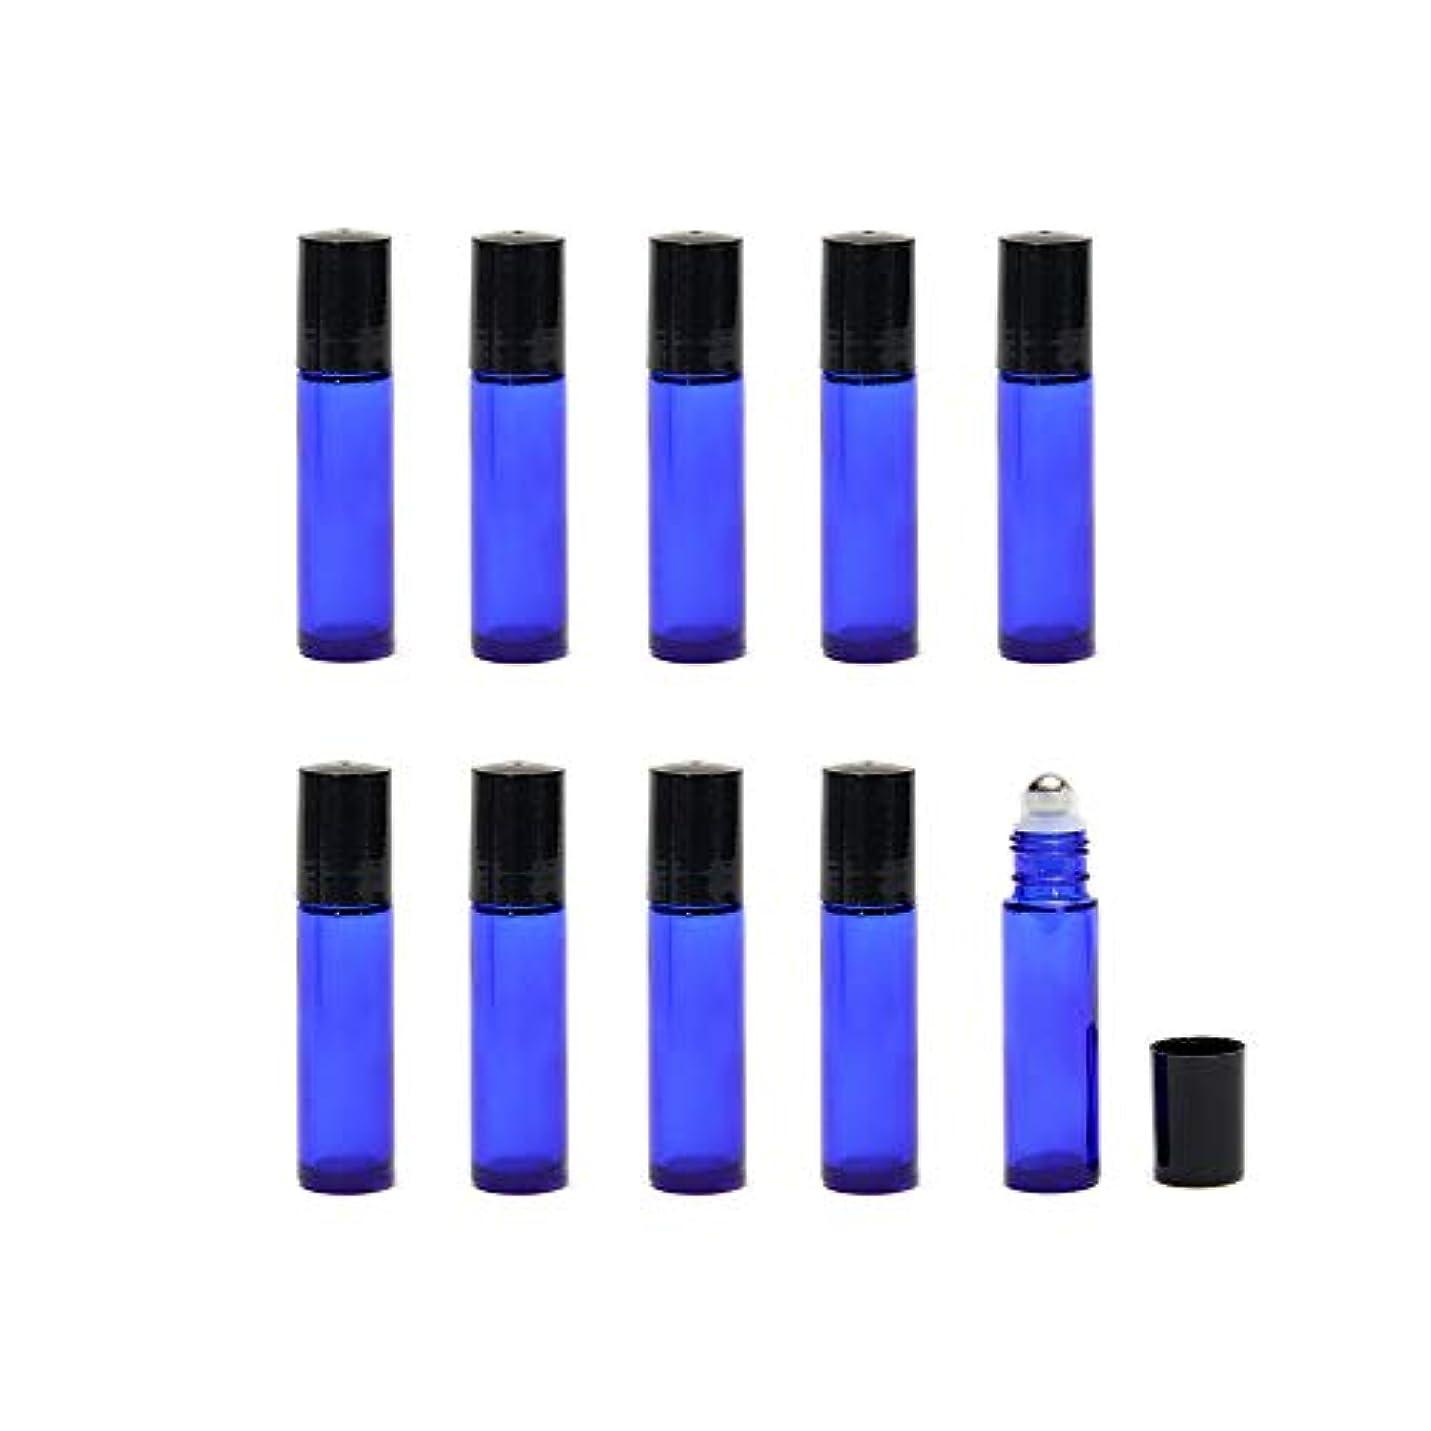 認証エクスタシー閃光10ml 遮光瓶 ロールオンボトル アロマオイル ガラスロール 詰め替え 容器 エッセンシャルオイル ビン ブルー (24本セット+スポイト3ml×4)